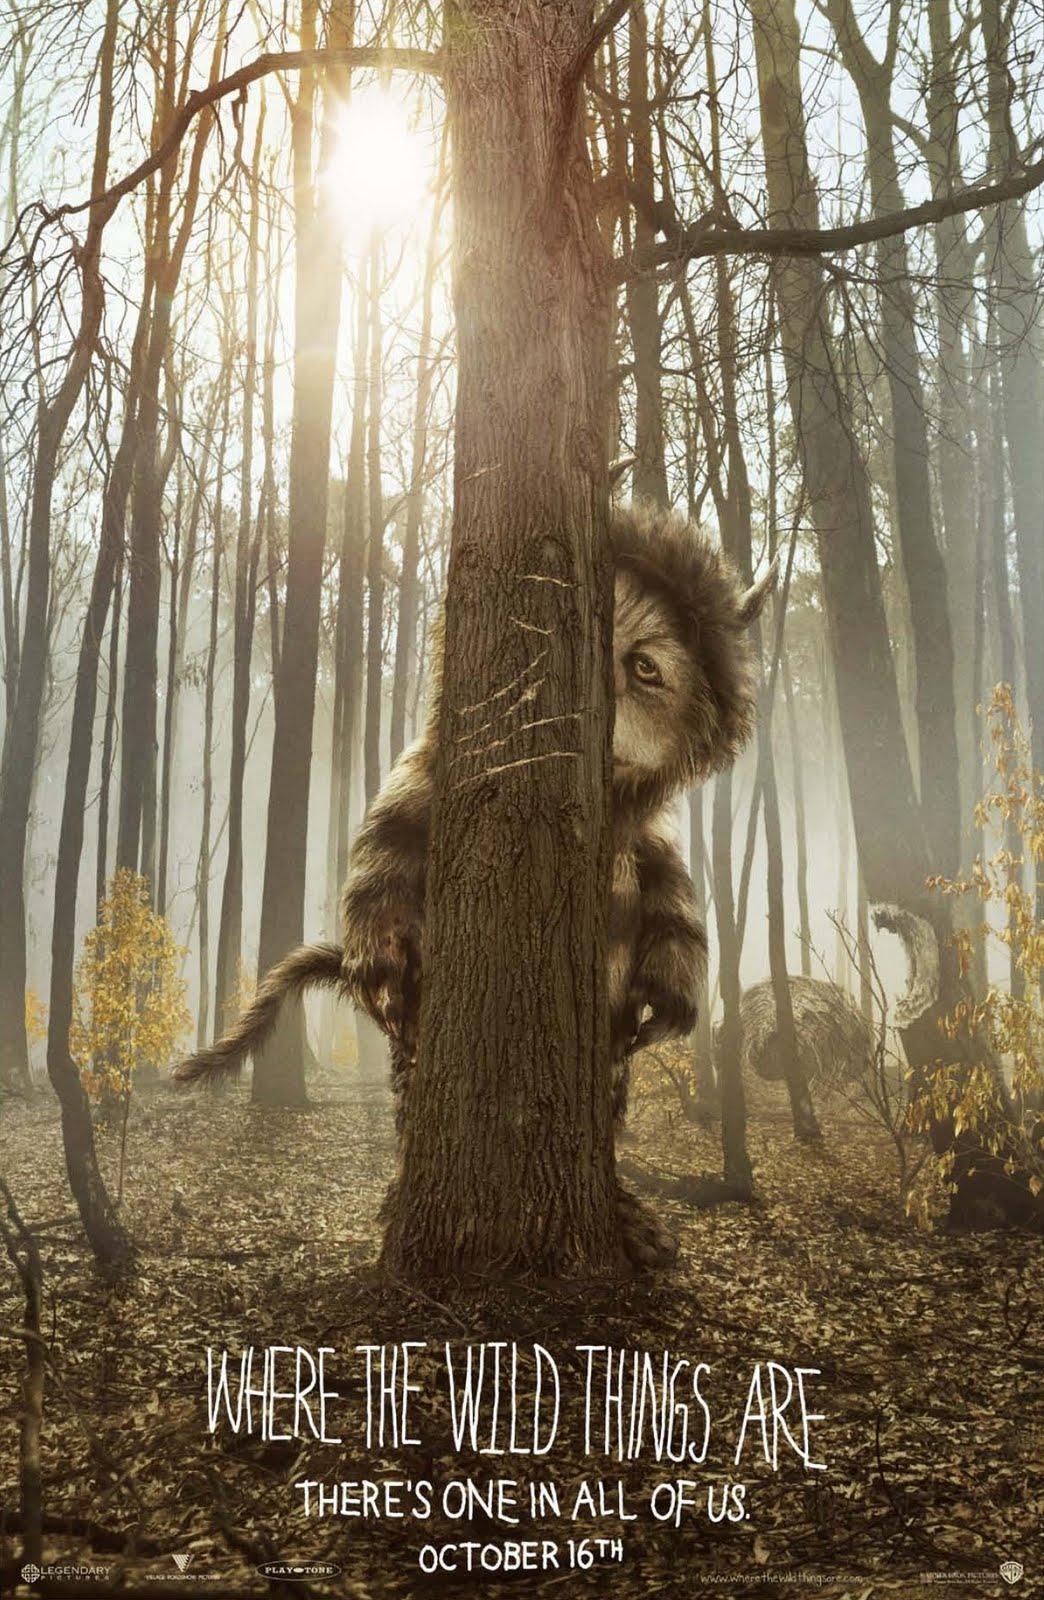 http://4.bp.blogspot.com/_Z3O3S1J4_DE/SxTmXU6MEKI/AAAAAAAAD2g/fP7NsO7S66M/s1600/where+wild+things+are+donde+viven+los+monstruos+poster.jpg